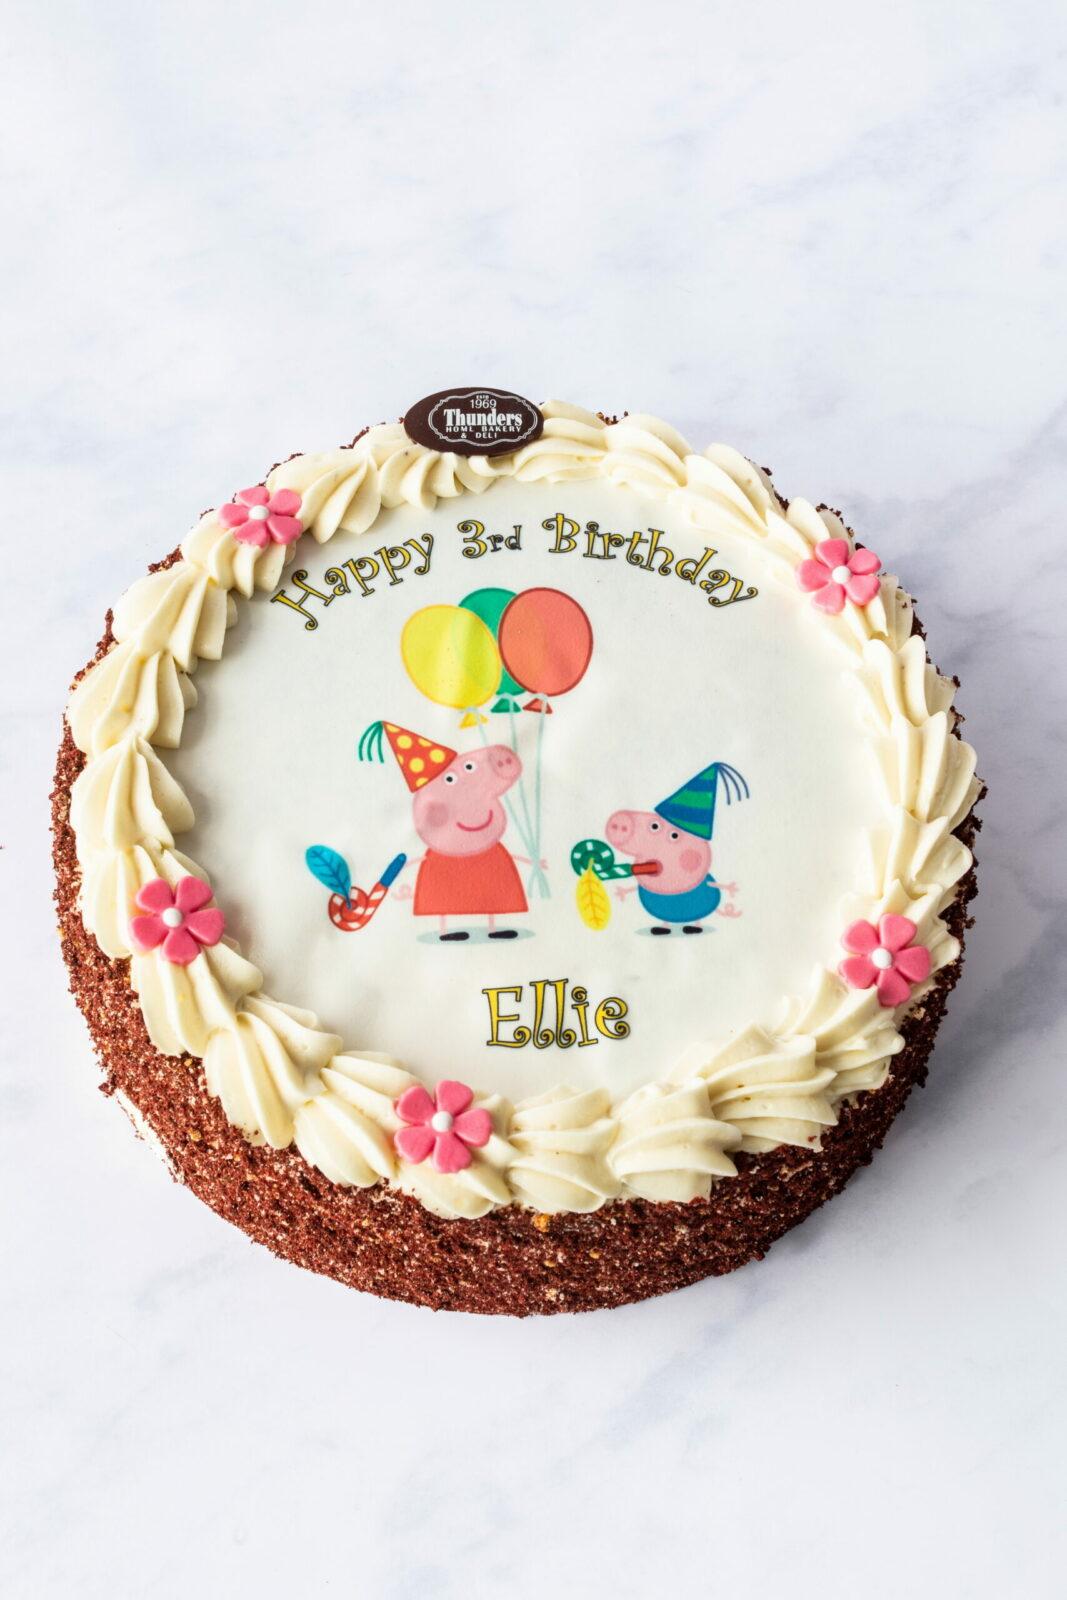 Thunders Red Velvet Picture cake